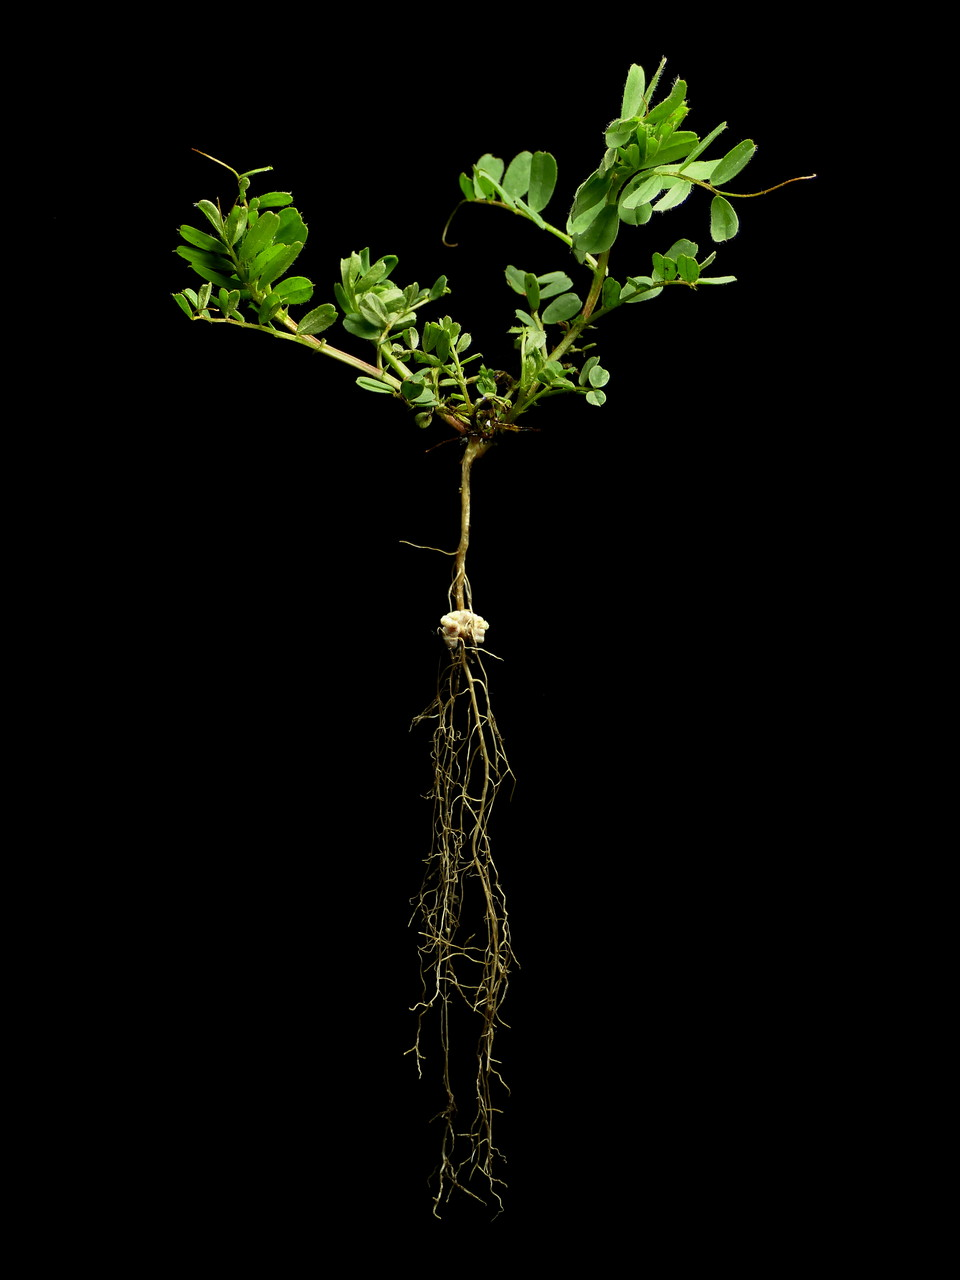 Vicia pannonica - Pannonische Wicke - Ungarische Wicke